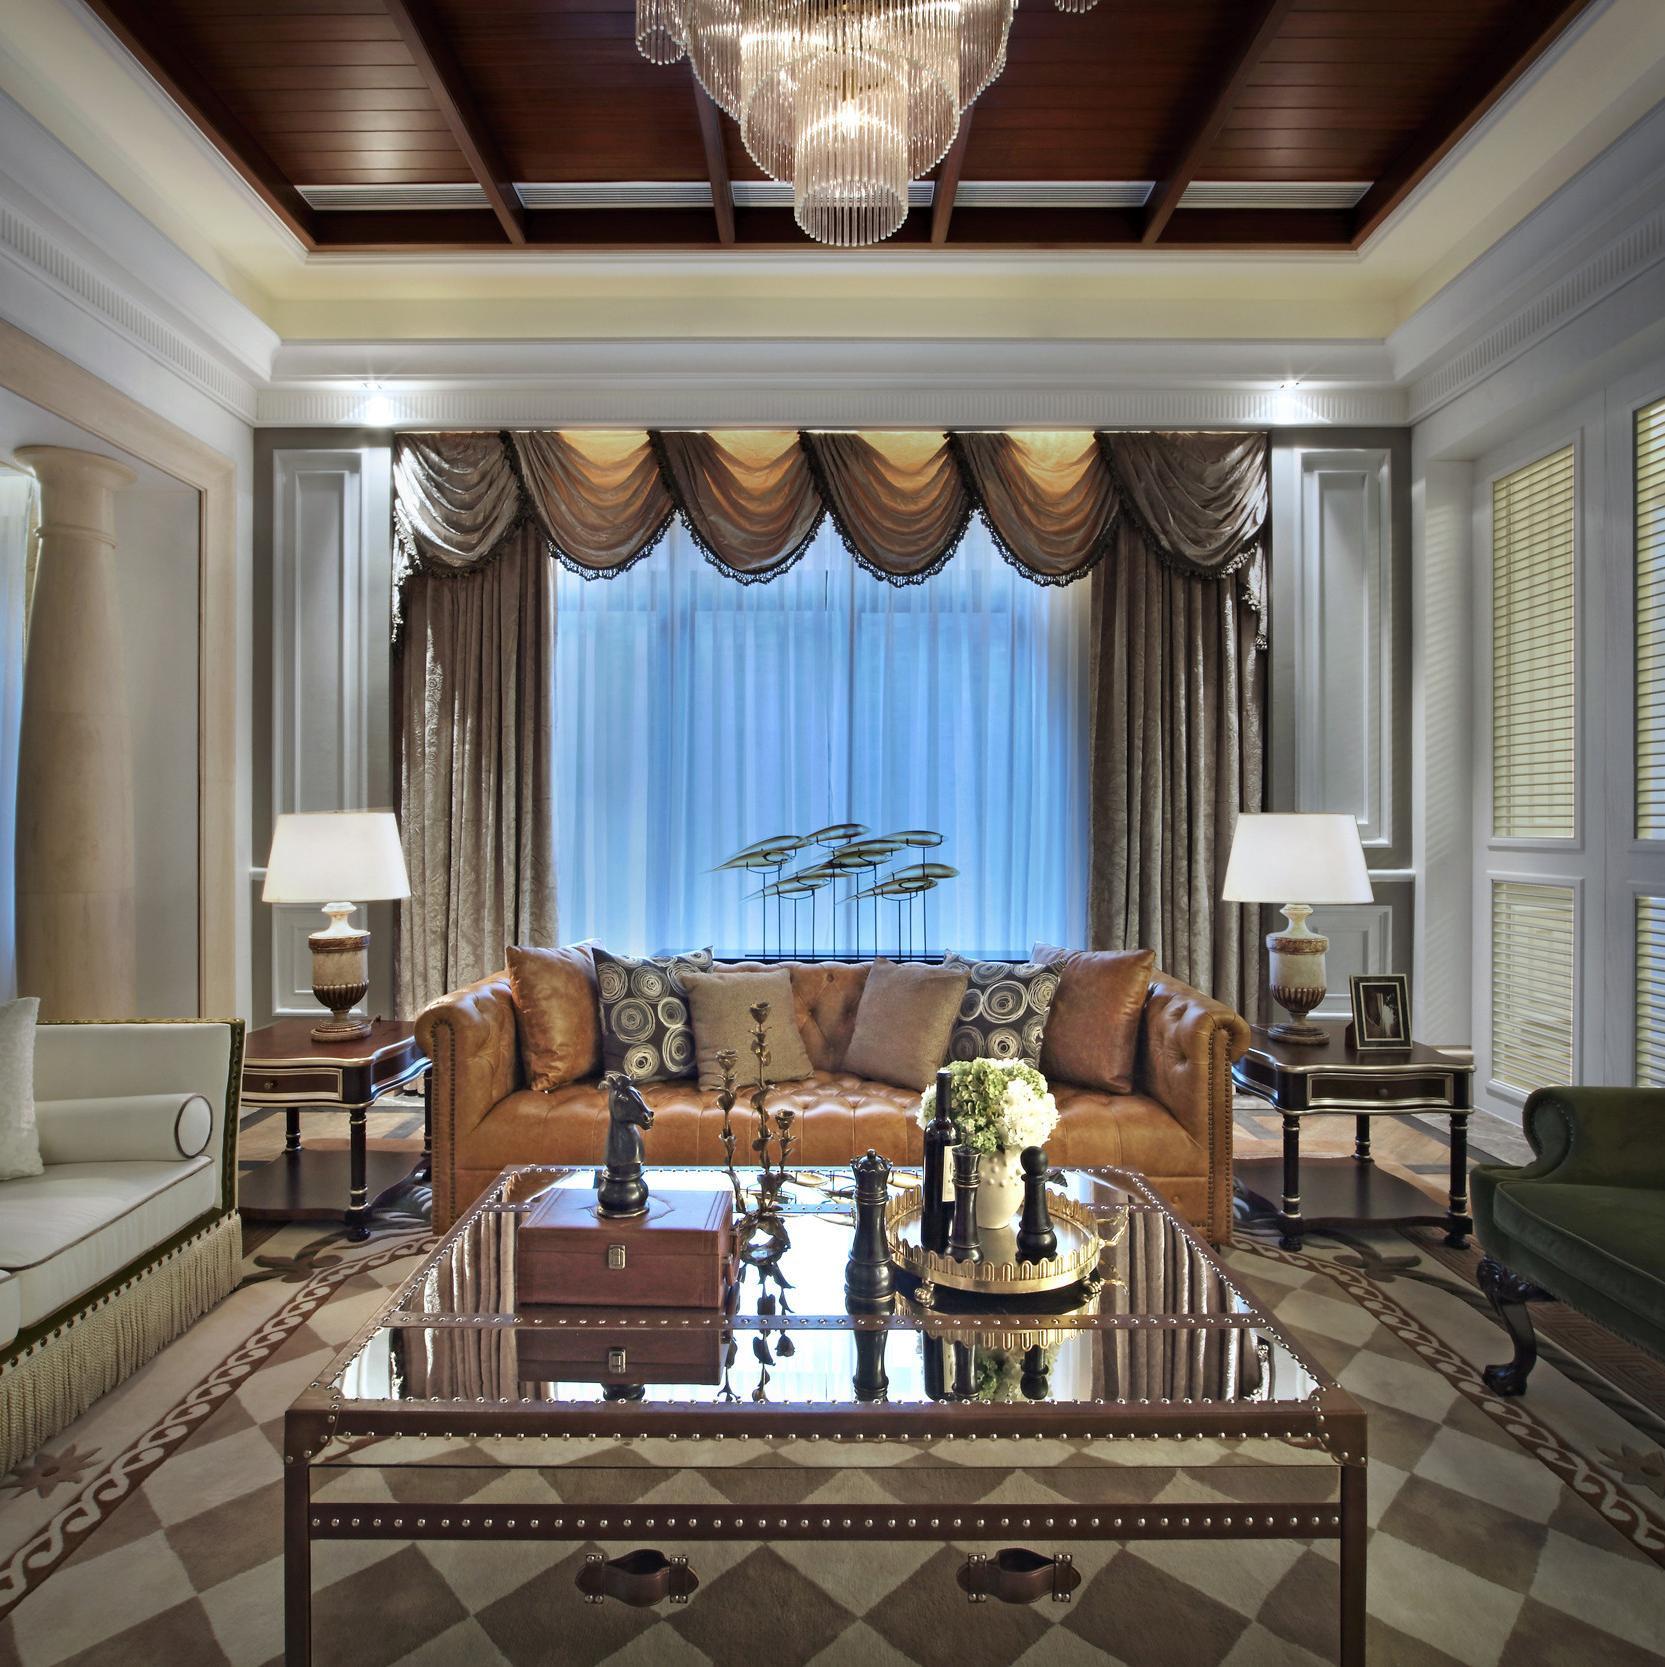 高贵奢华欧式别墅装修沙发图片